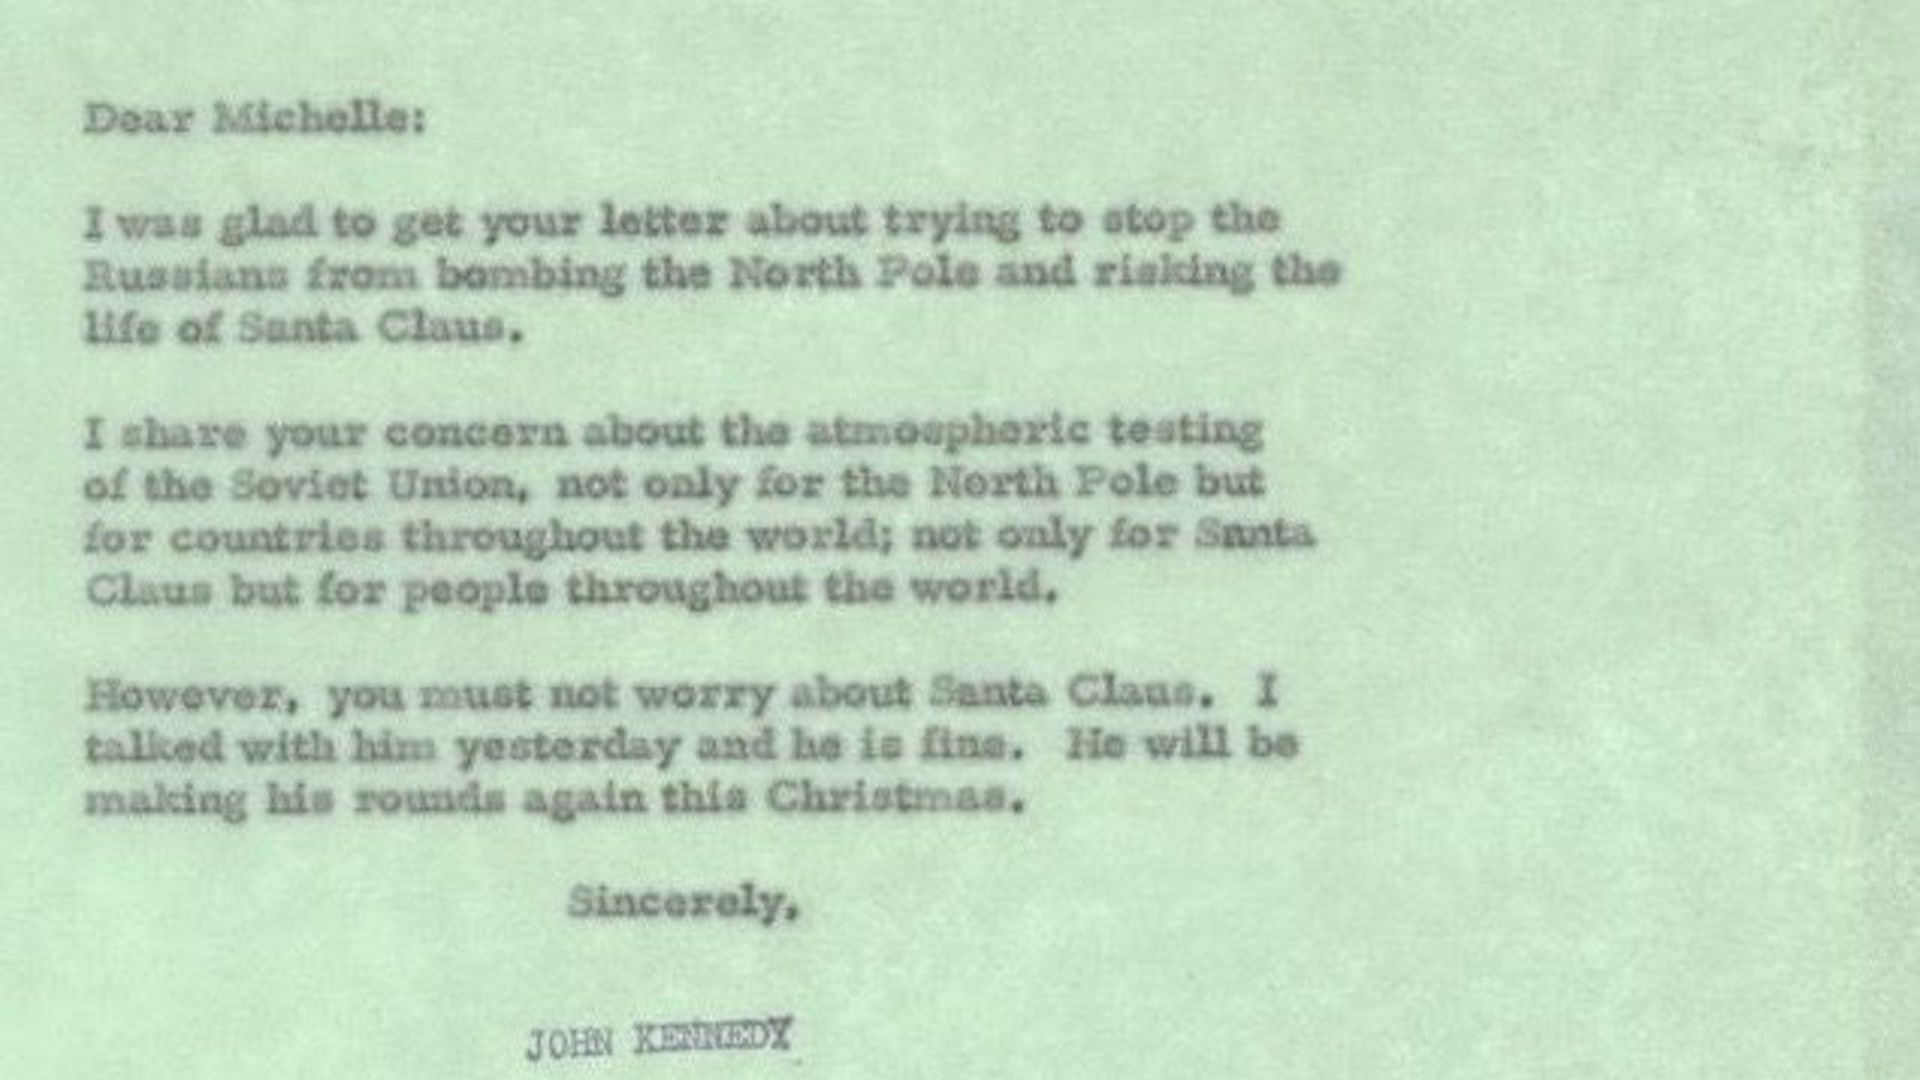 JFK letter